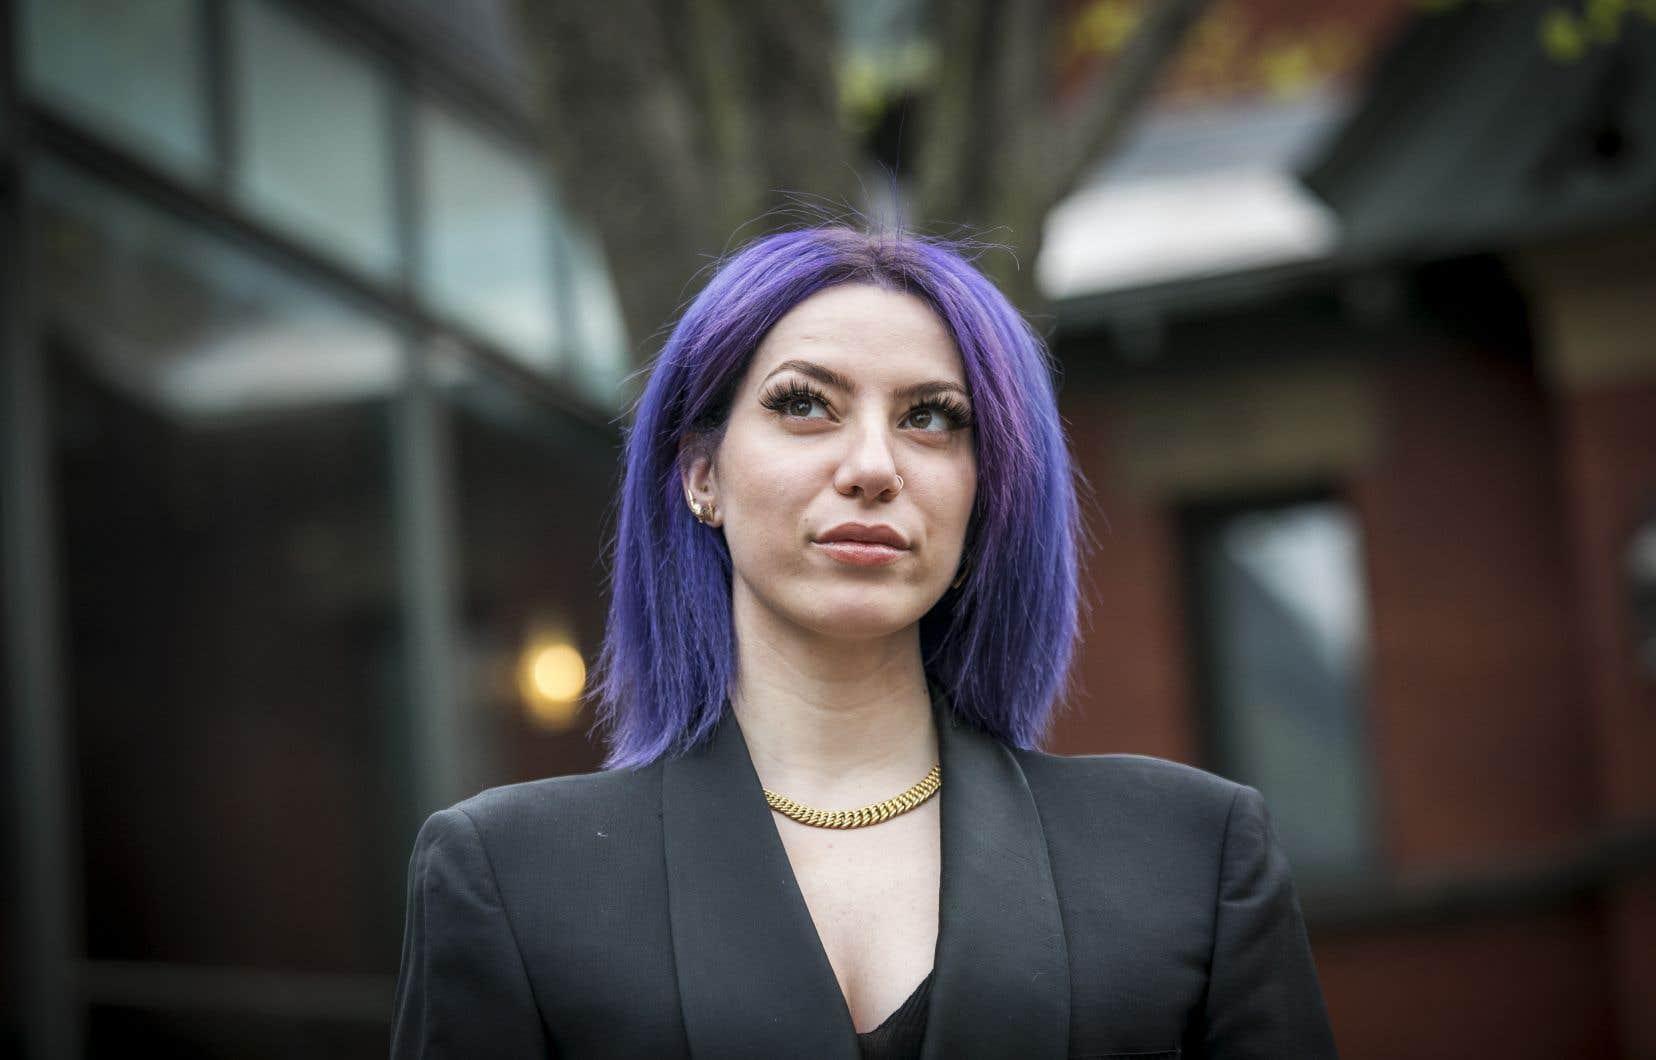 «Chaque féminicide m'arrache le cœur. Ça me fait revivre le meurtre de ma mère», confie Dania Nehme.